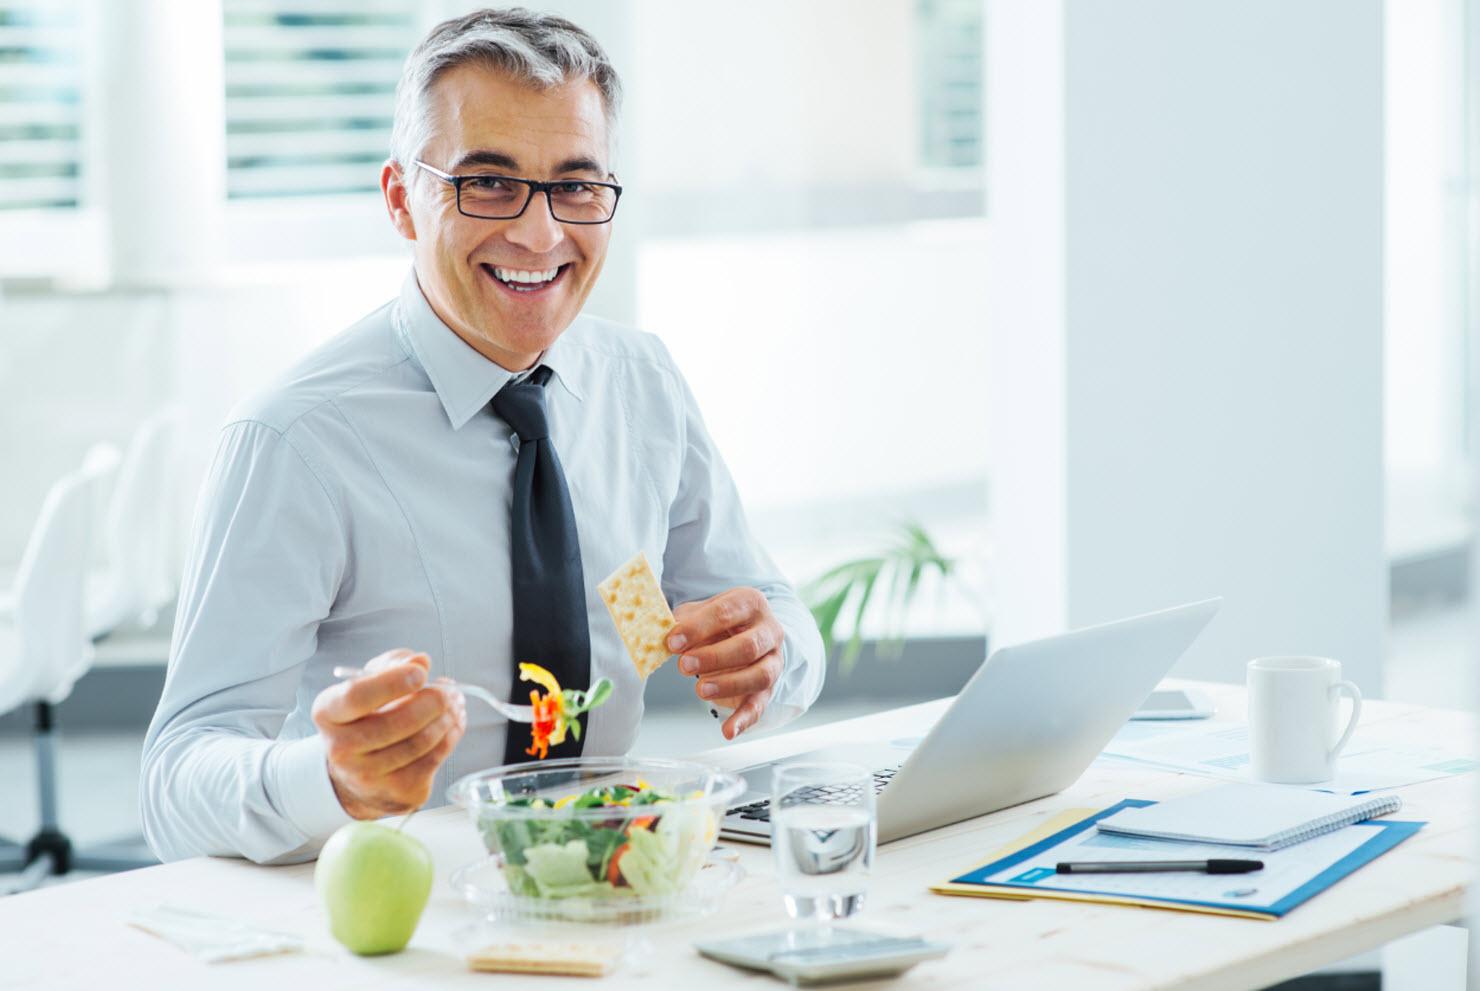 Trabajos saludables